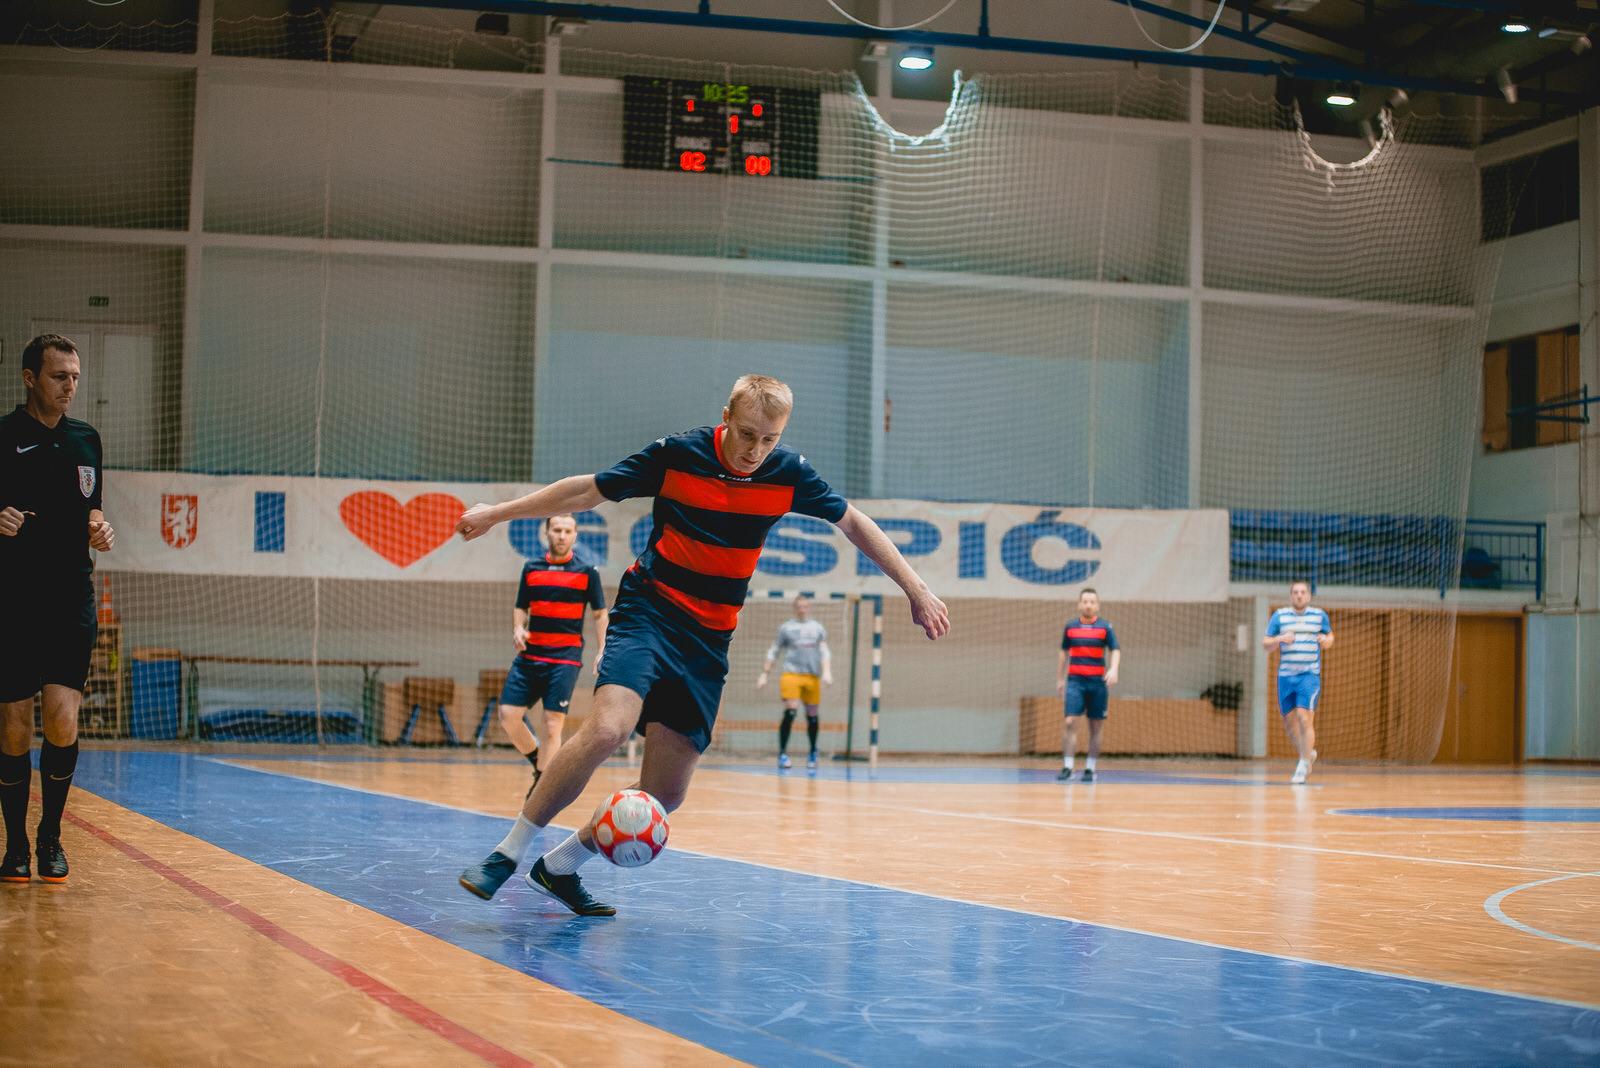 likaclub_gospić_zimski-malonogometni-turnir-2018-19-24